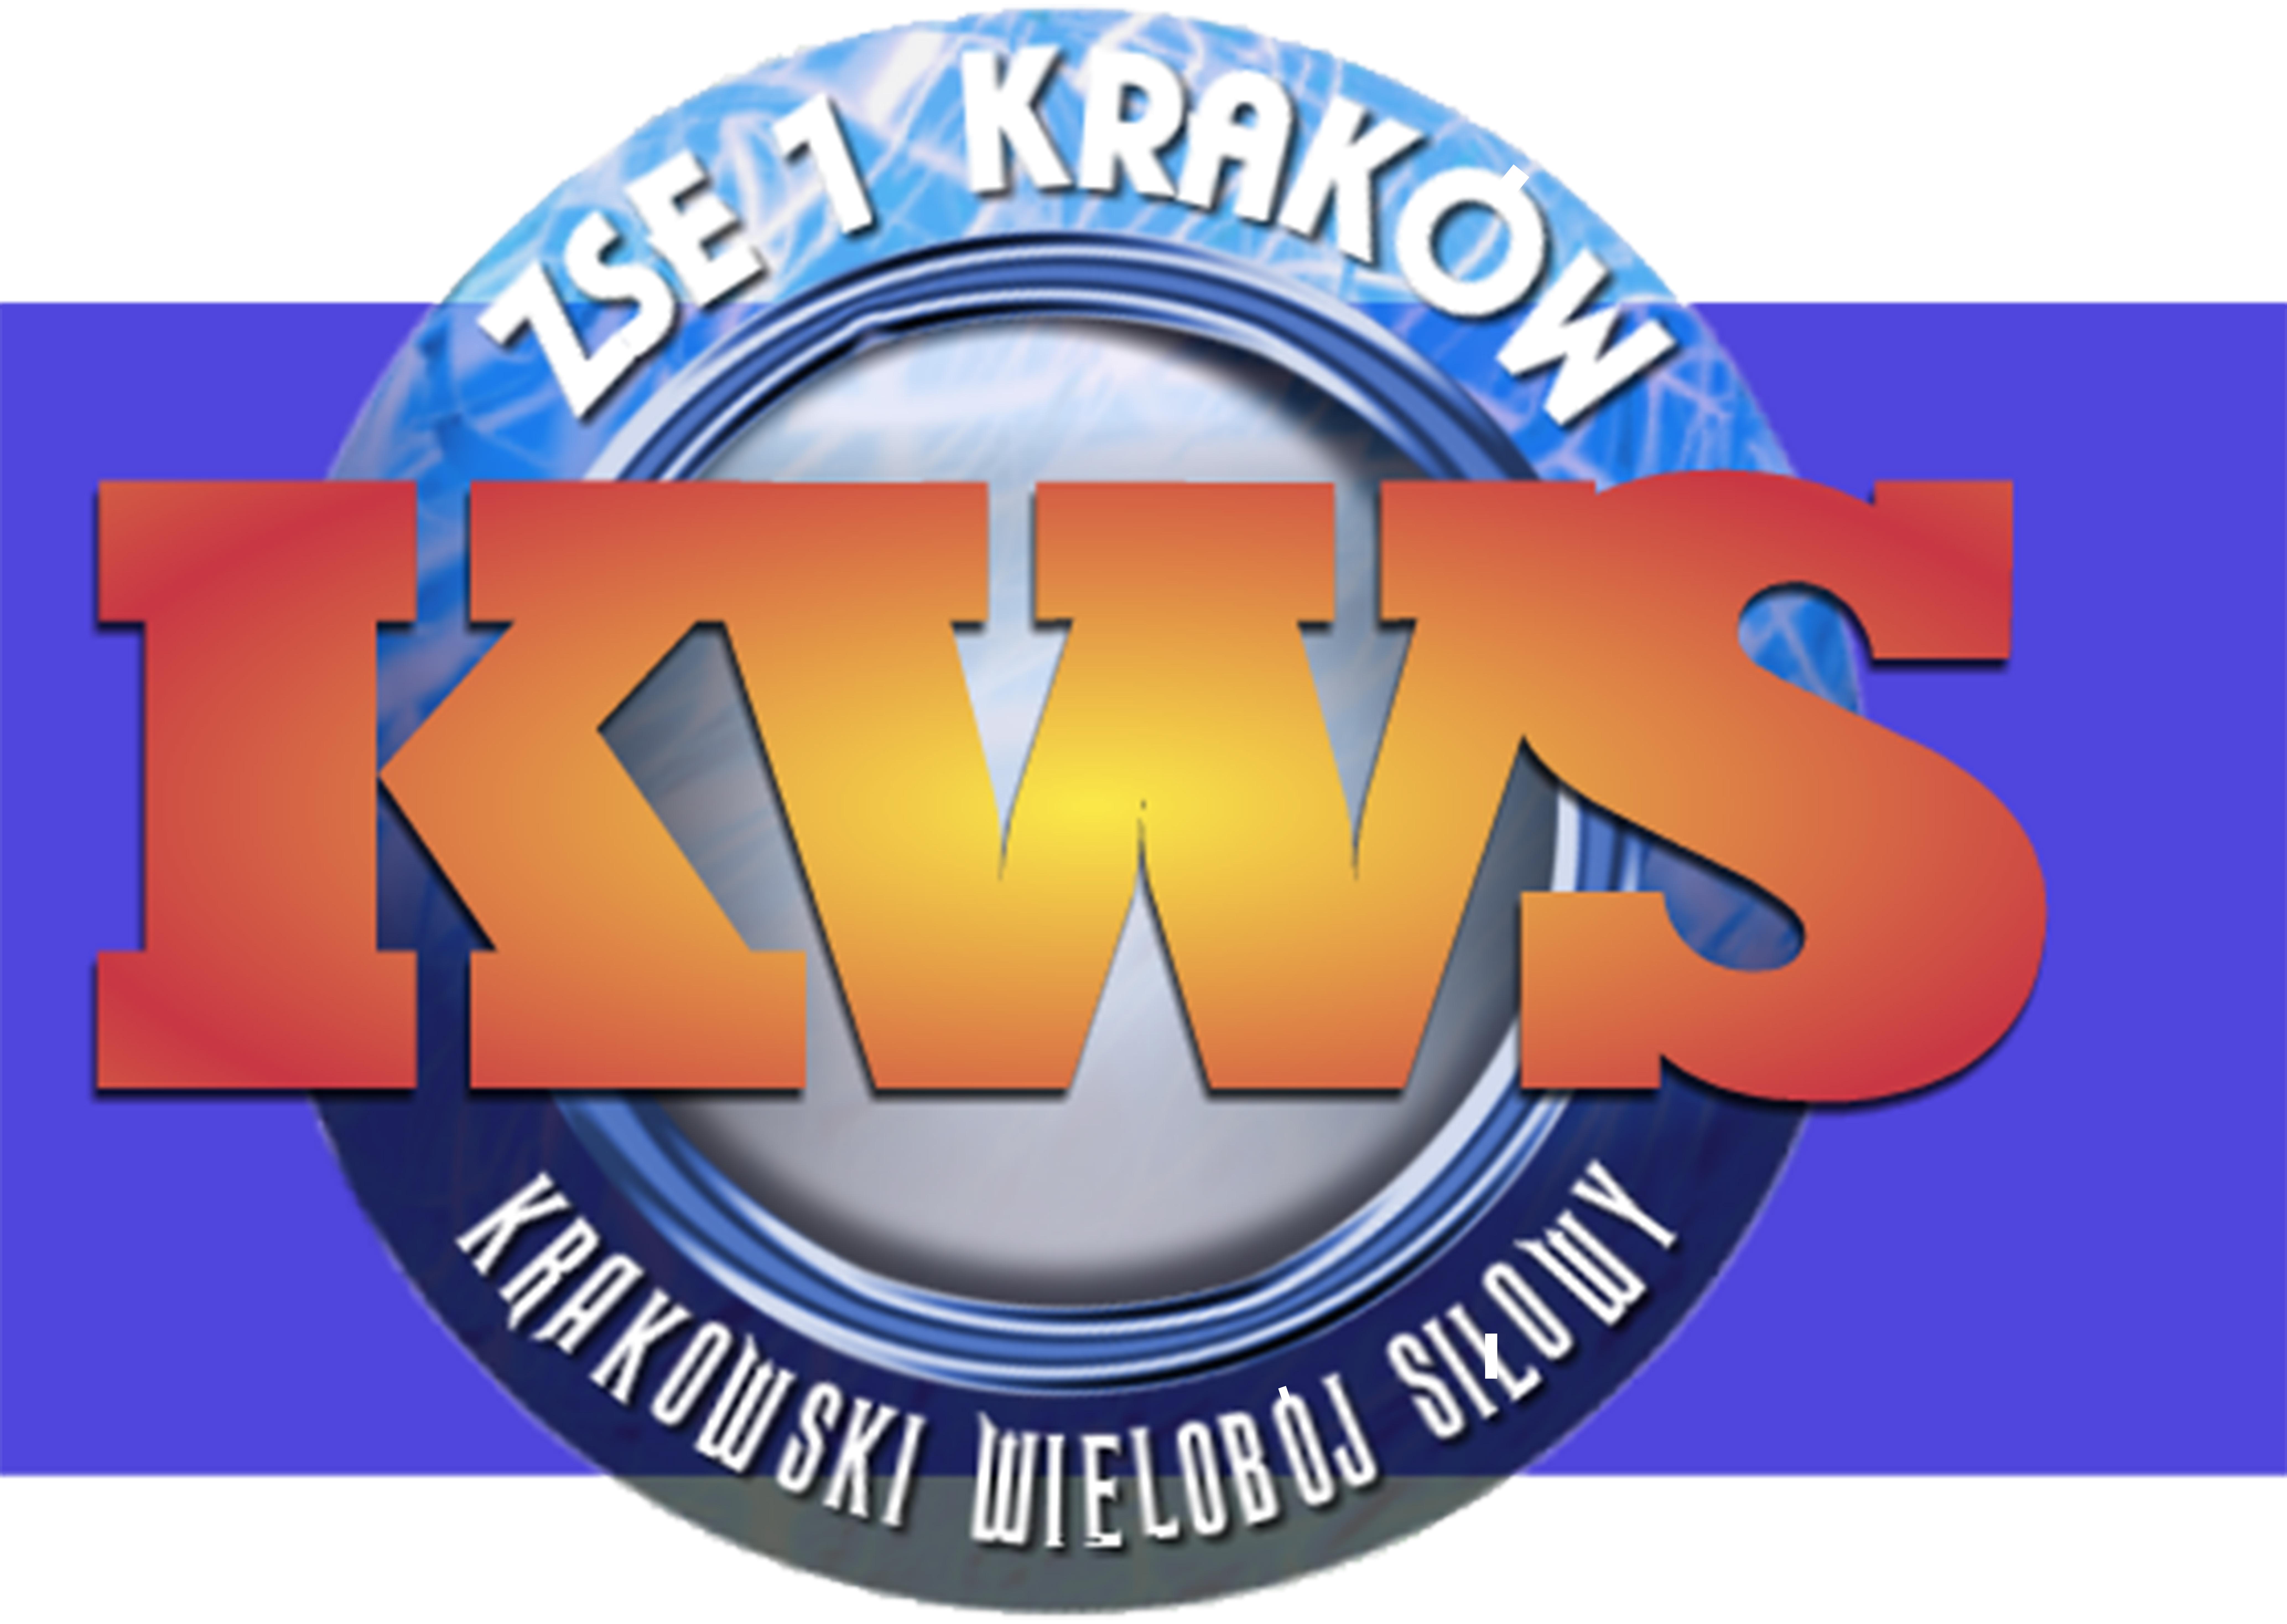 Krakowski Wielobój Siłowy 2017